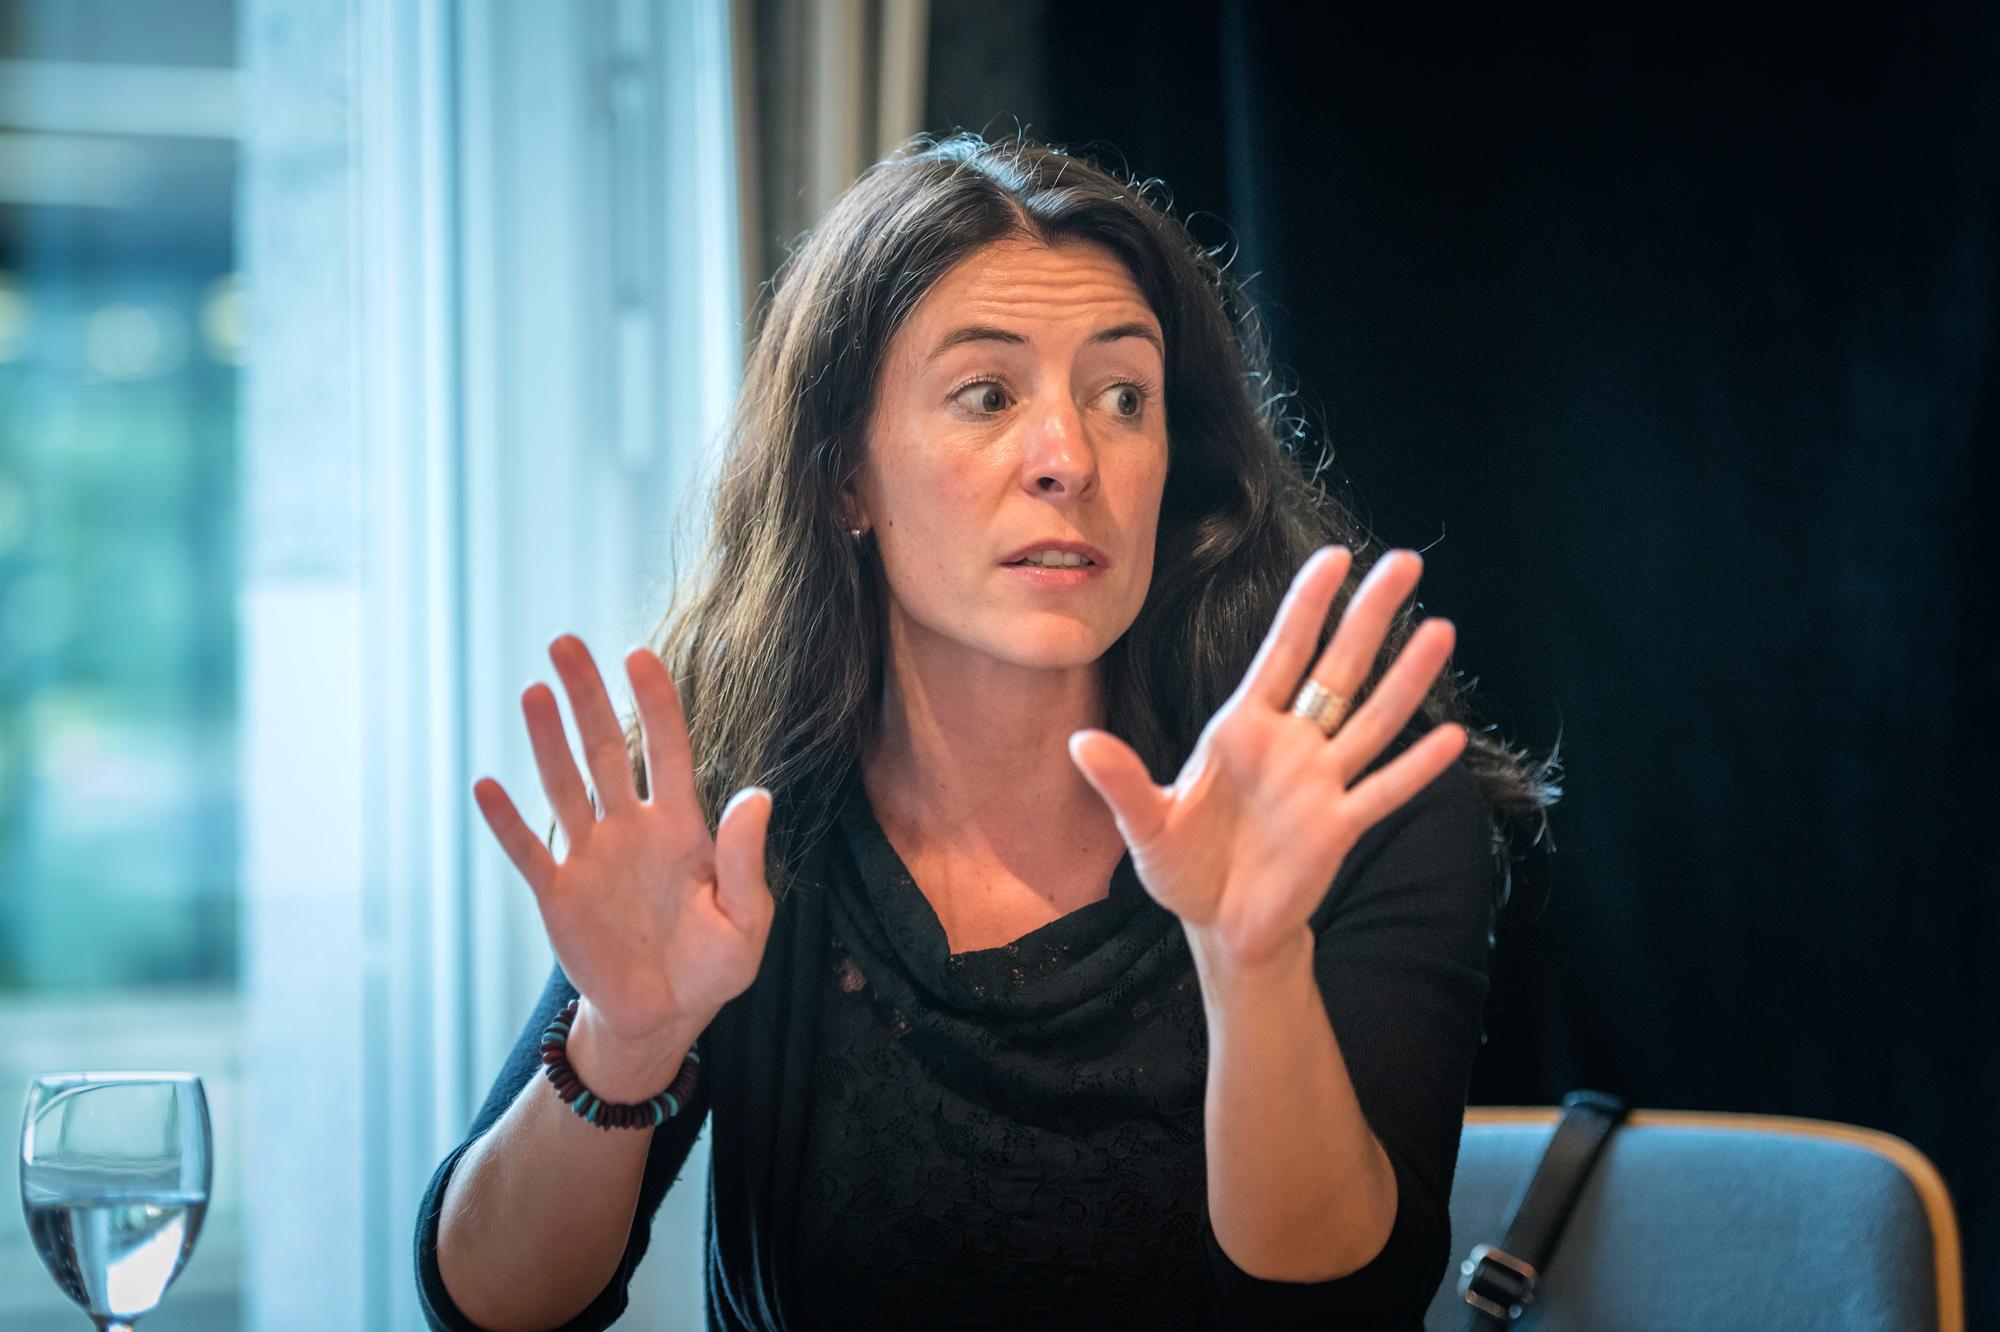 Tanja Soland, SP-Grossrätin, gegen das NDG: «Schaut man das Gesetz oberflächlich an, hat man nicht das Gefühl, dass sich viel ändert. Da täuscht man sich. Ich setze lieber auf Polizei, auf Gerichte, auf Strafverfahren.»